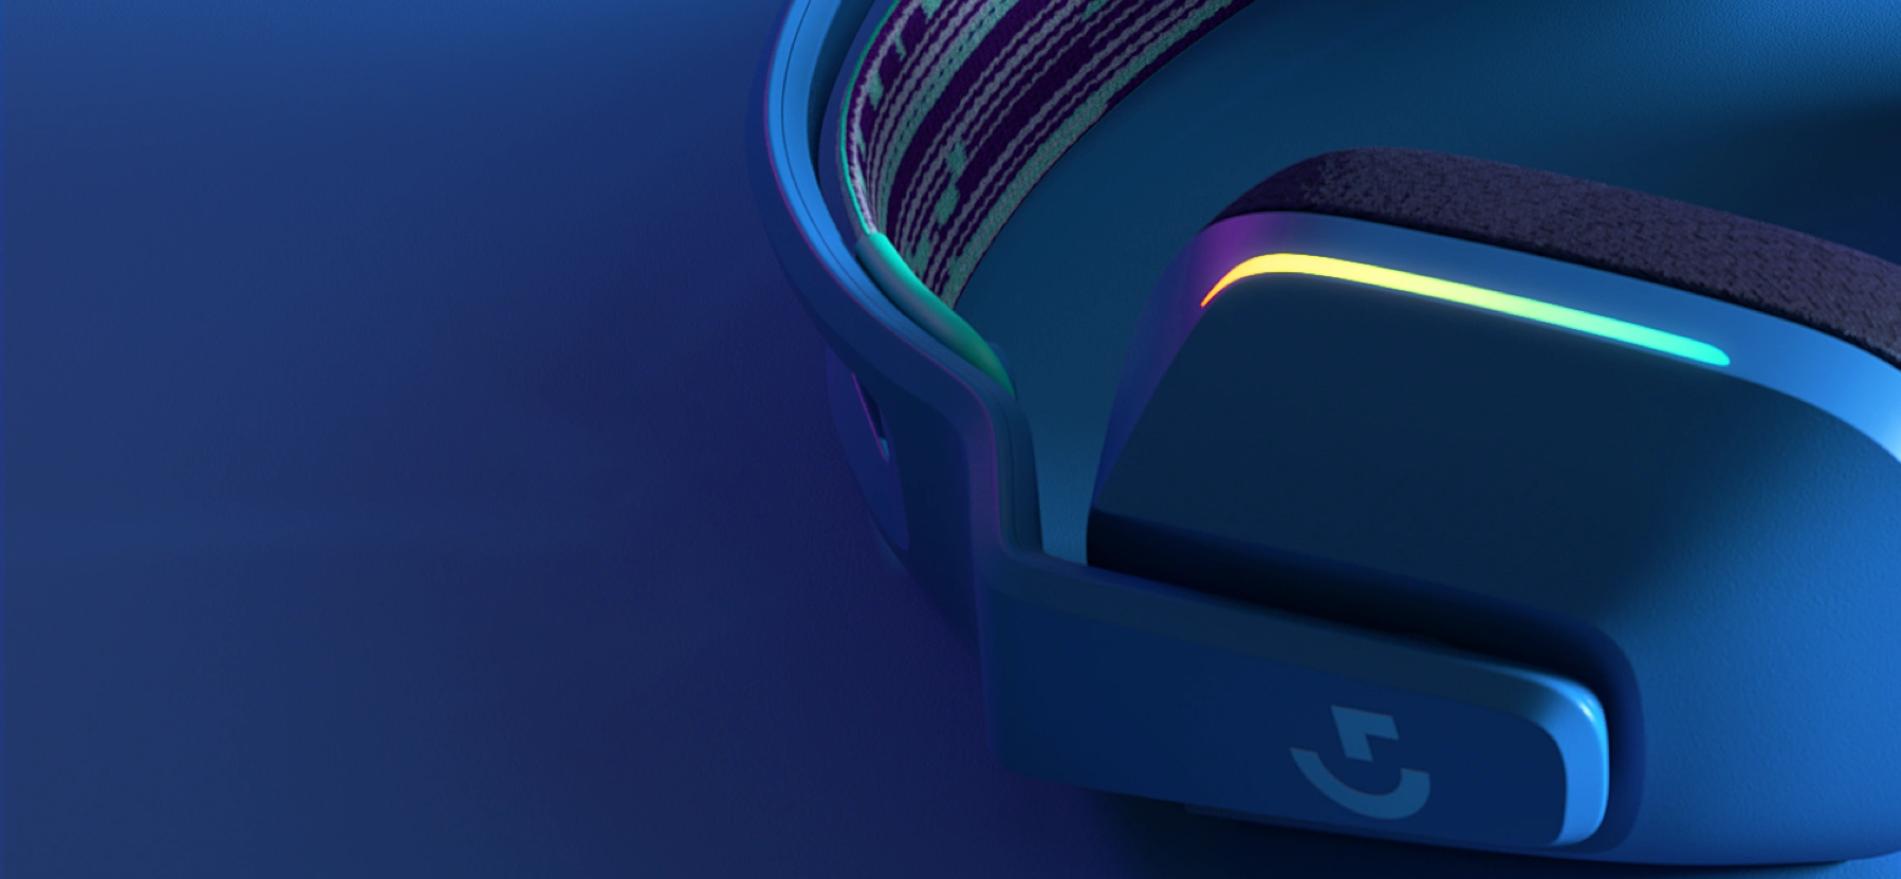 Tai nghe Gaming Logitech LIGHTSPEED G733 Wireless 7.1 RGB  trang bị hệ thống led rgb 16.8 triệu màu